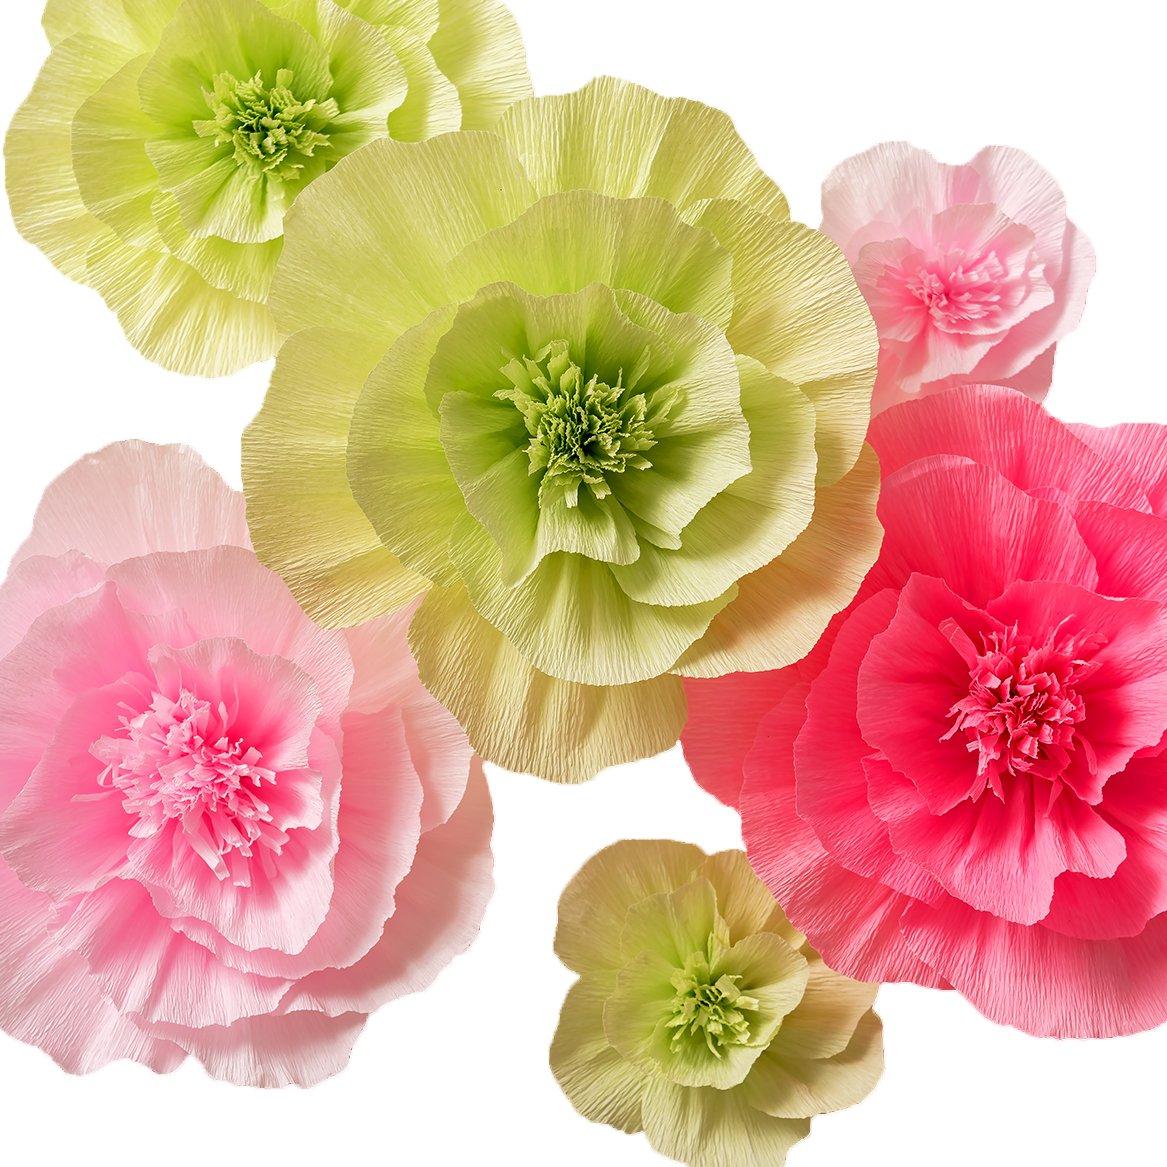 Amazon.com: Paper Flower Decorations, Large Crepe Paper Flowers ...